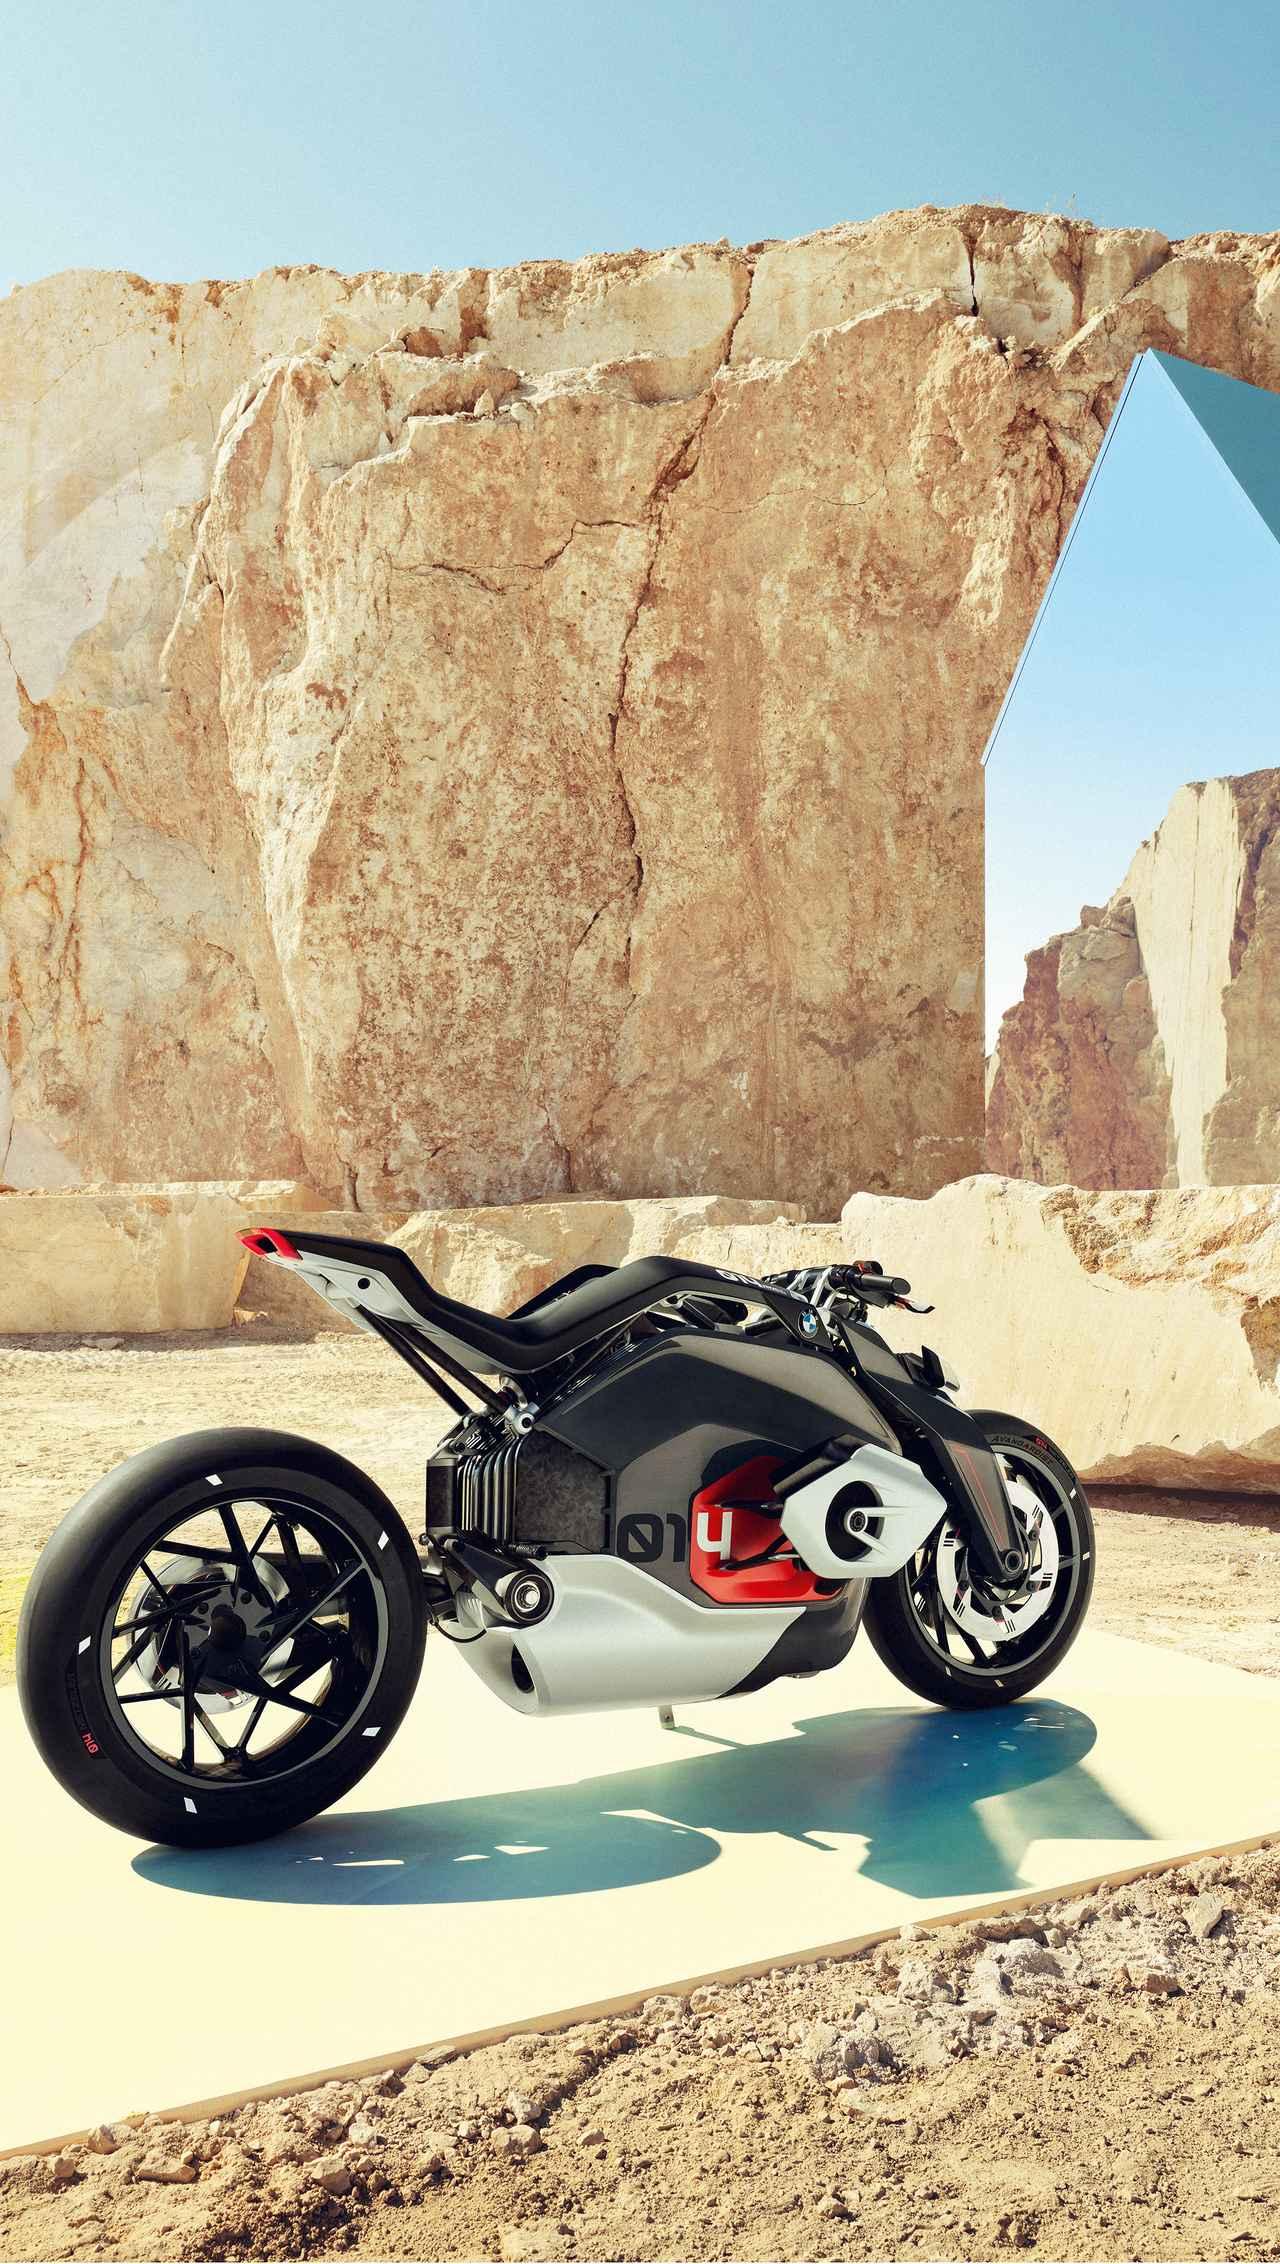 画像: ドライブチェーンの代わりにシャフトドライブを採用することは、騒音を減らすという面でもメリットがあるでしょう。 www.bmw-motorrad.com